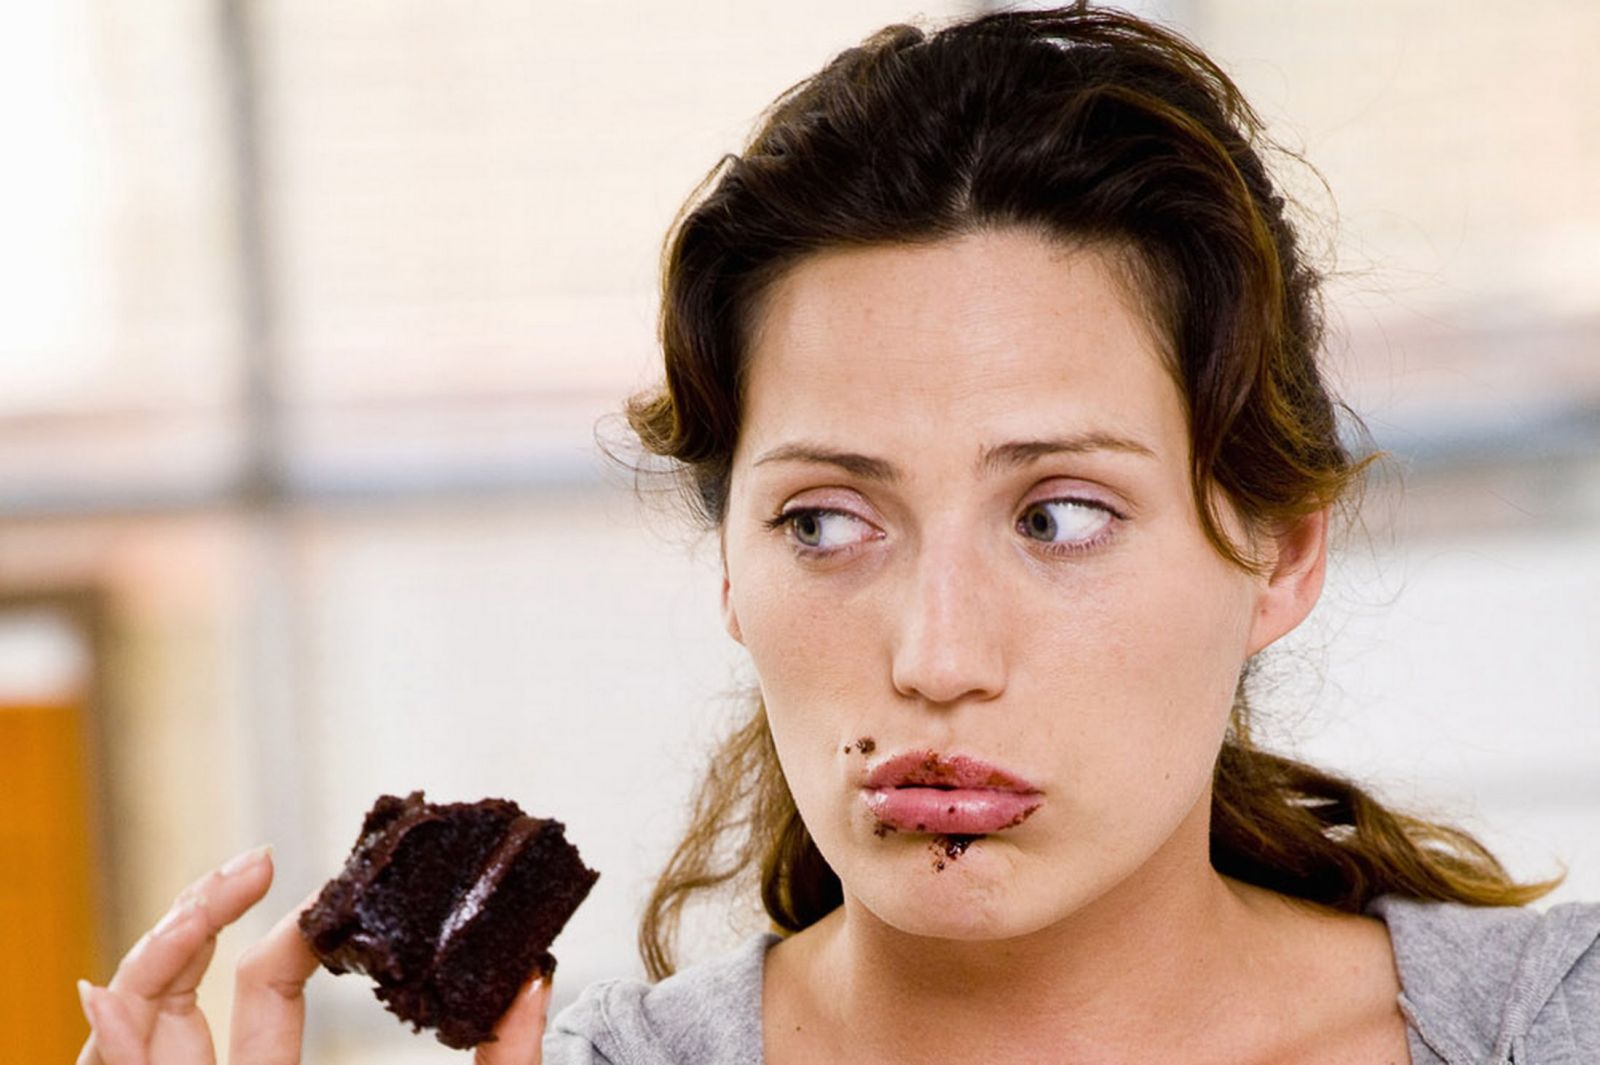 какие продукты можно есть чтобы похудеть быстро